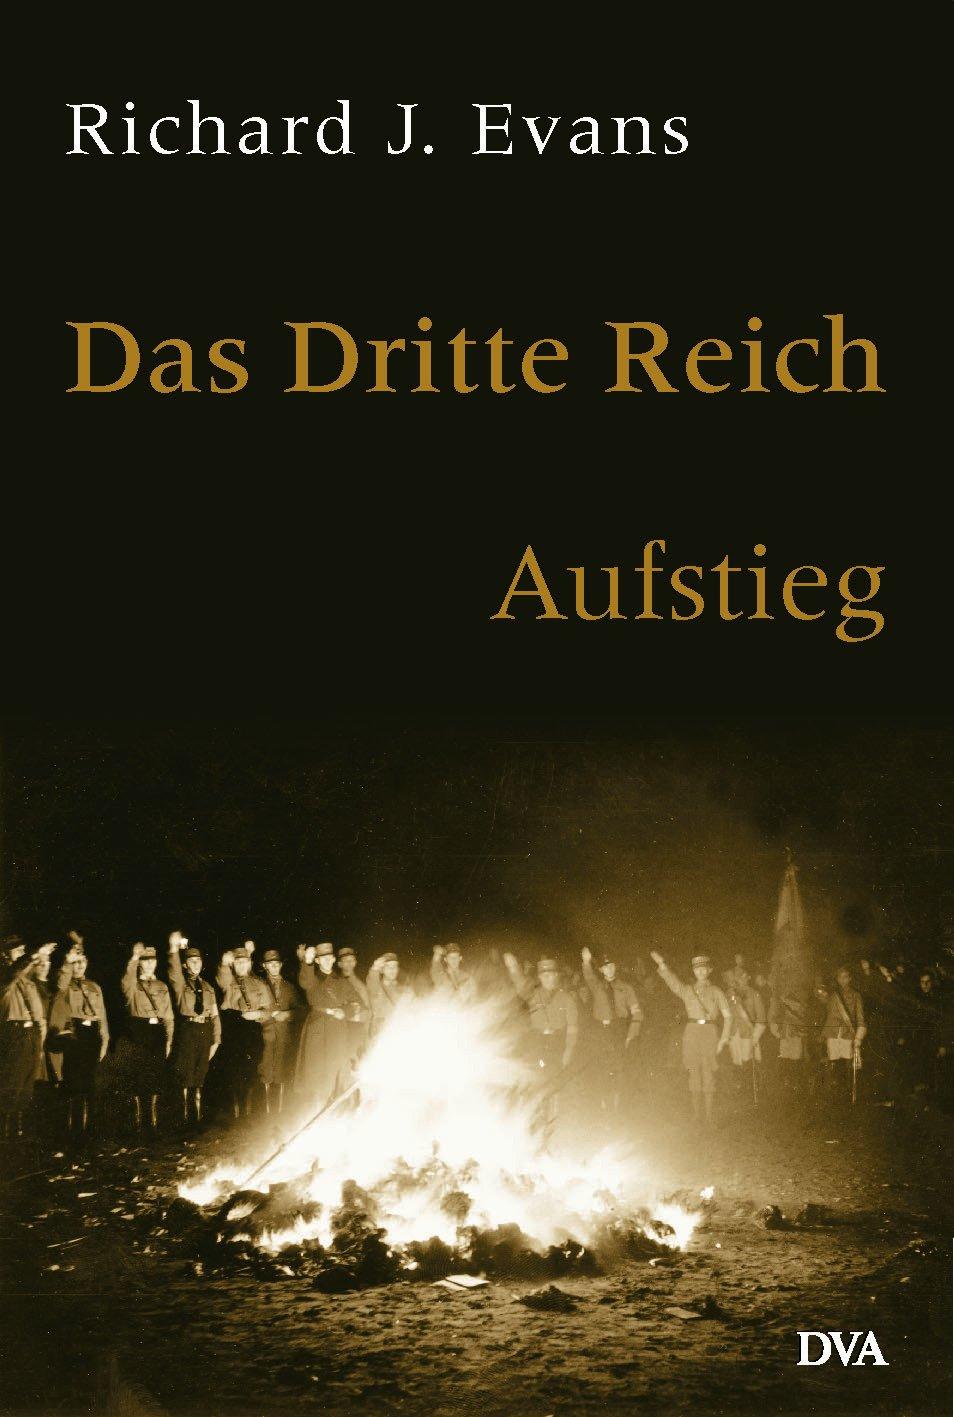 Das Dritte Reich. Band 1 - Aufstieg